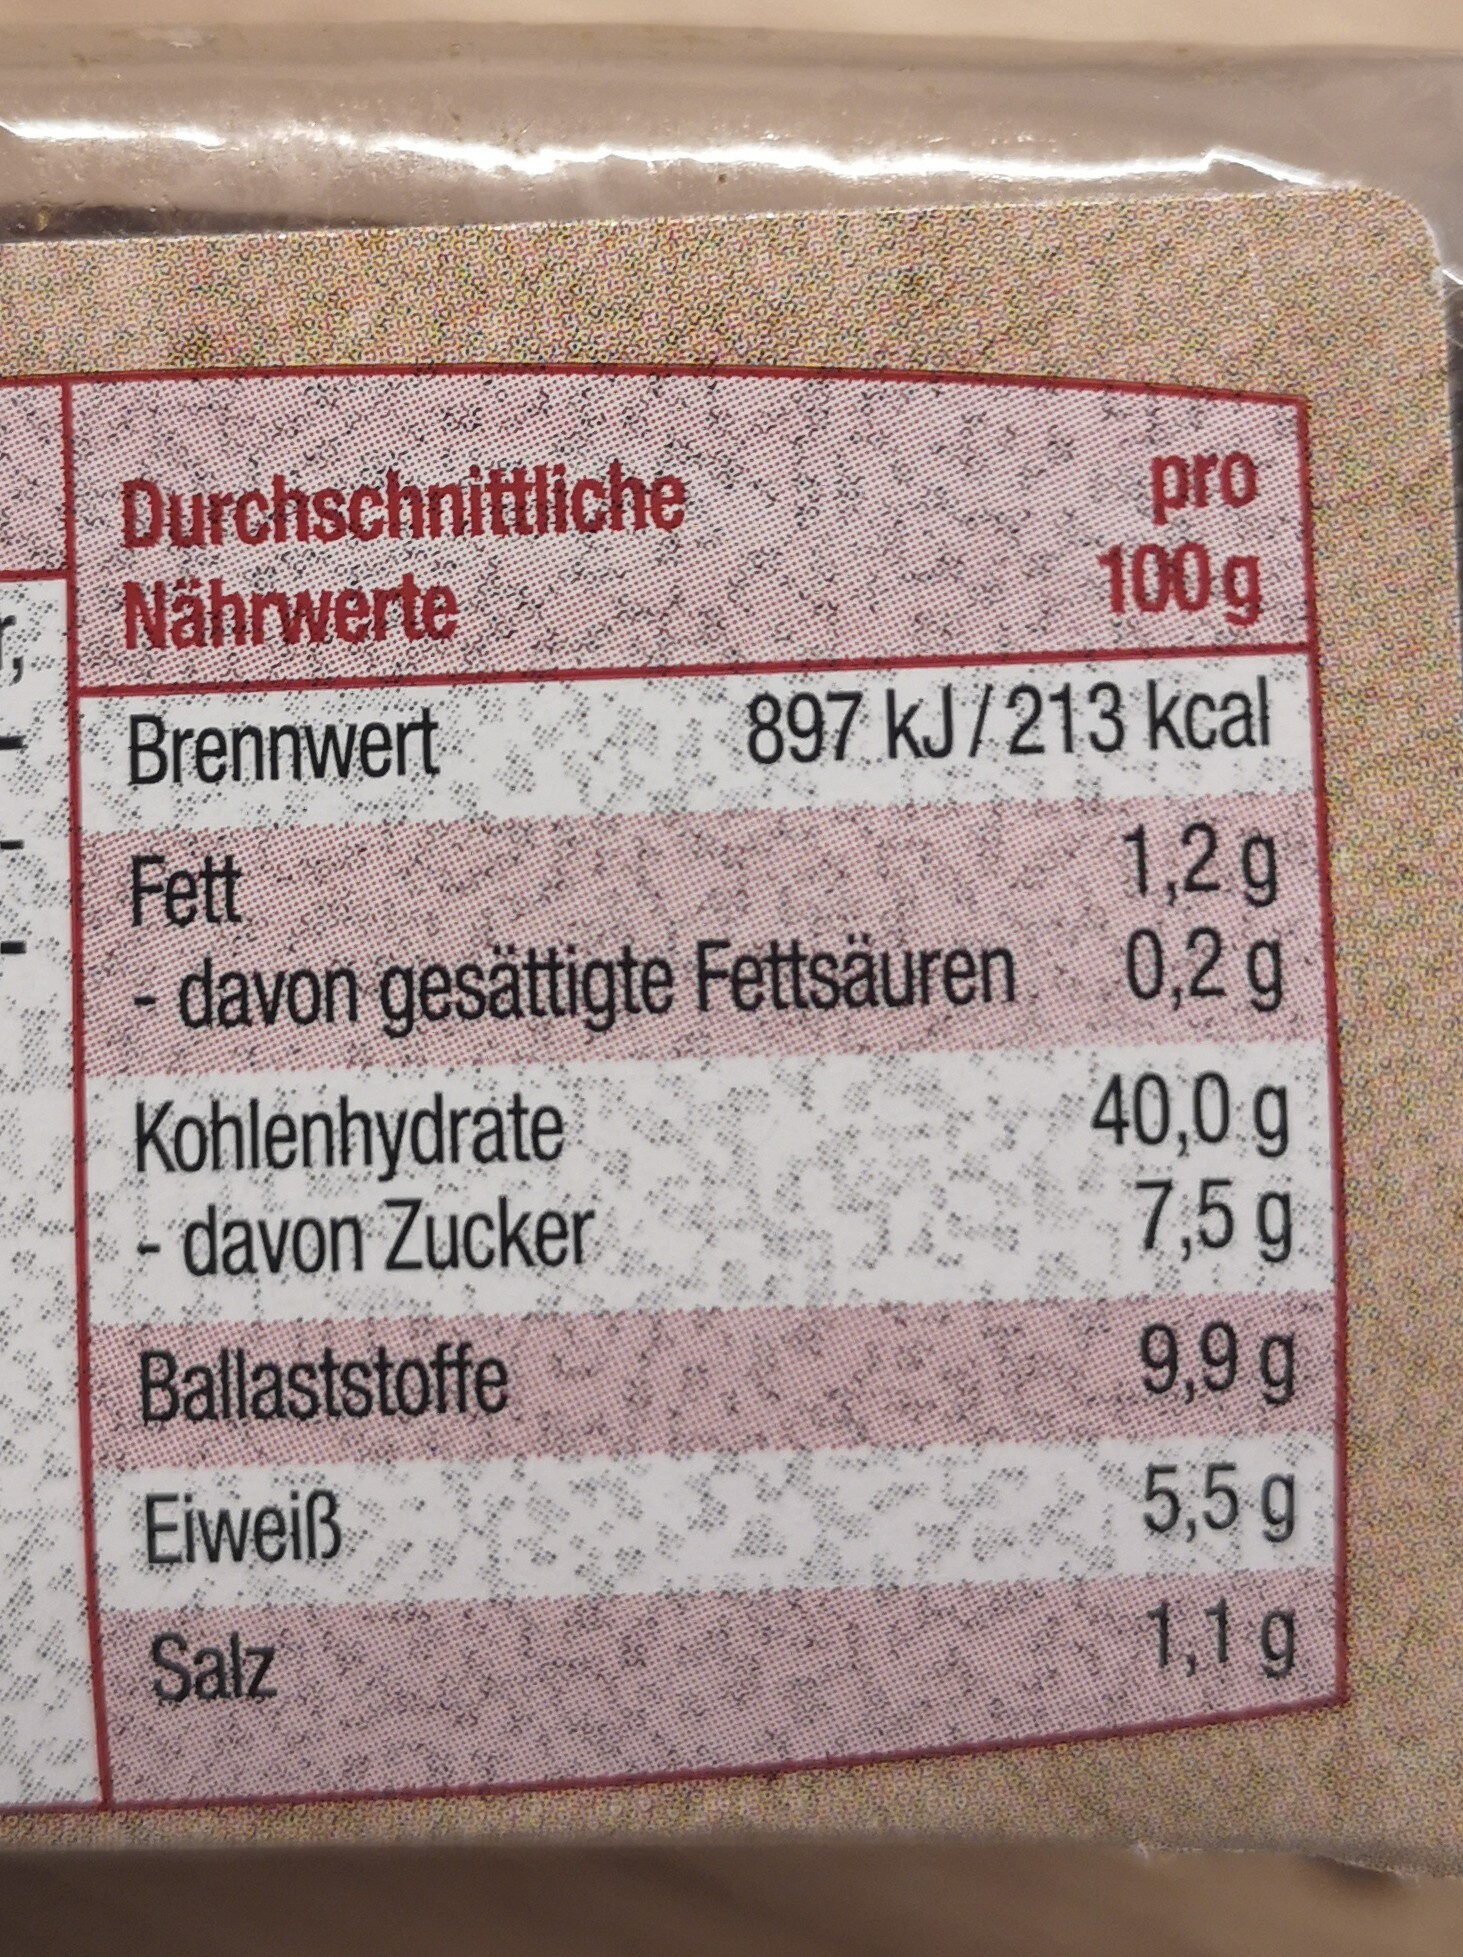 Pumpernickel - Nutrition facts - de